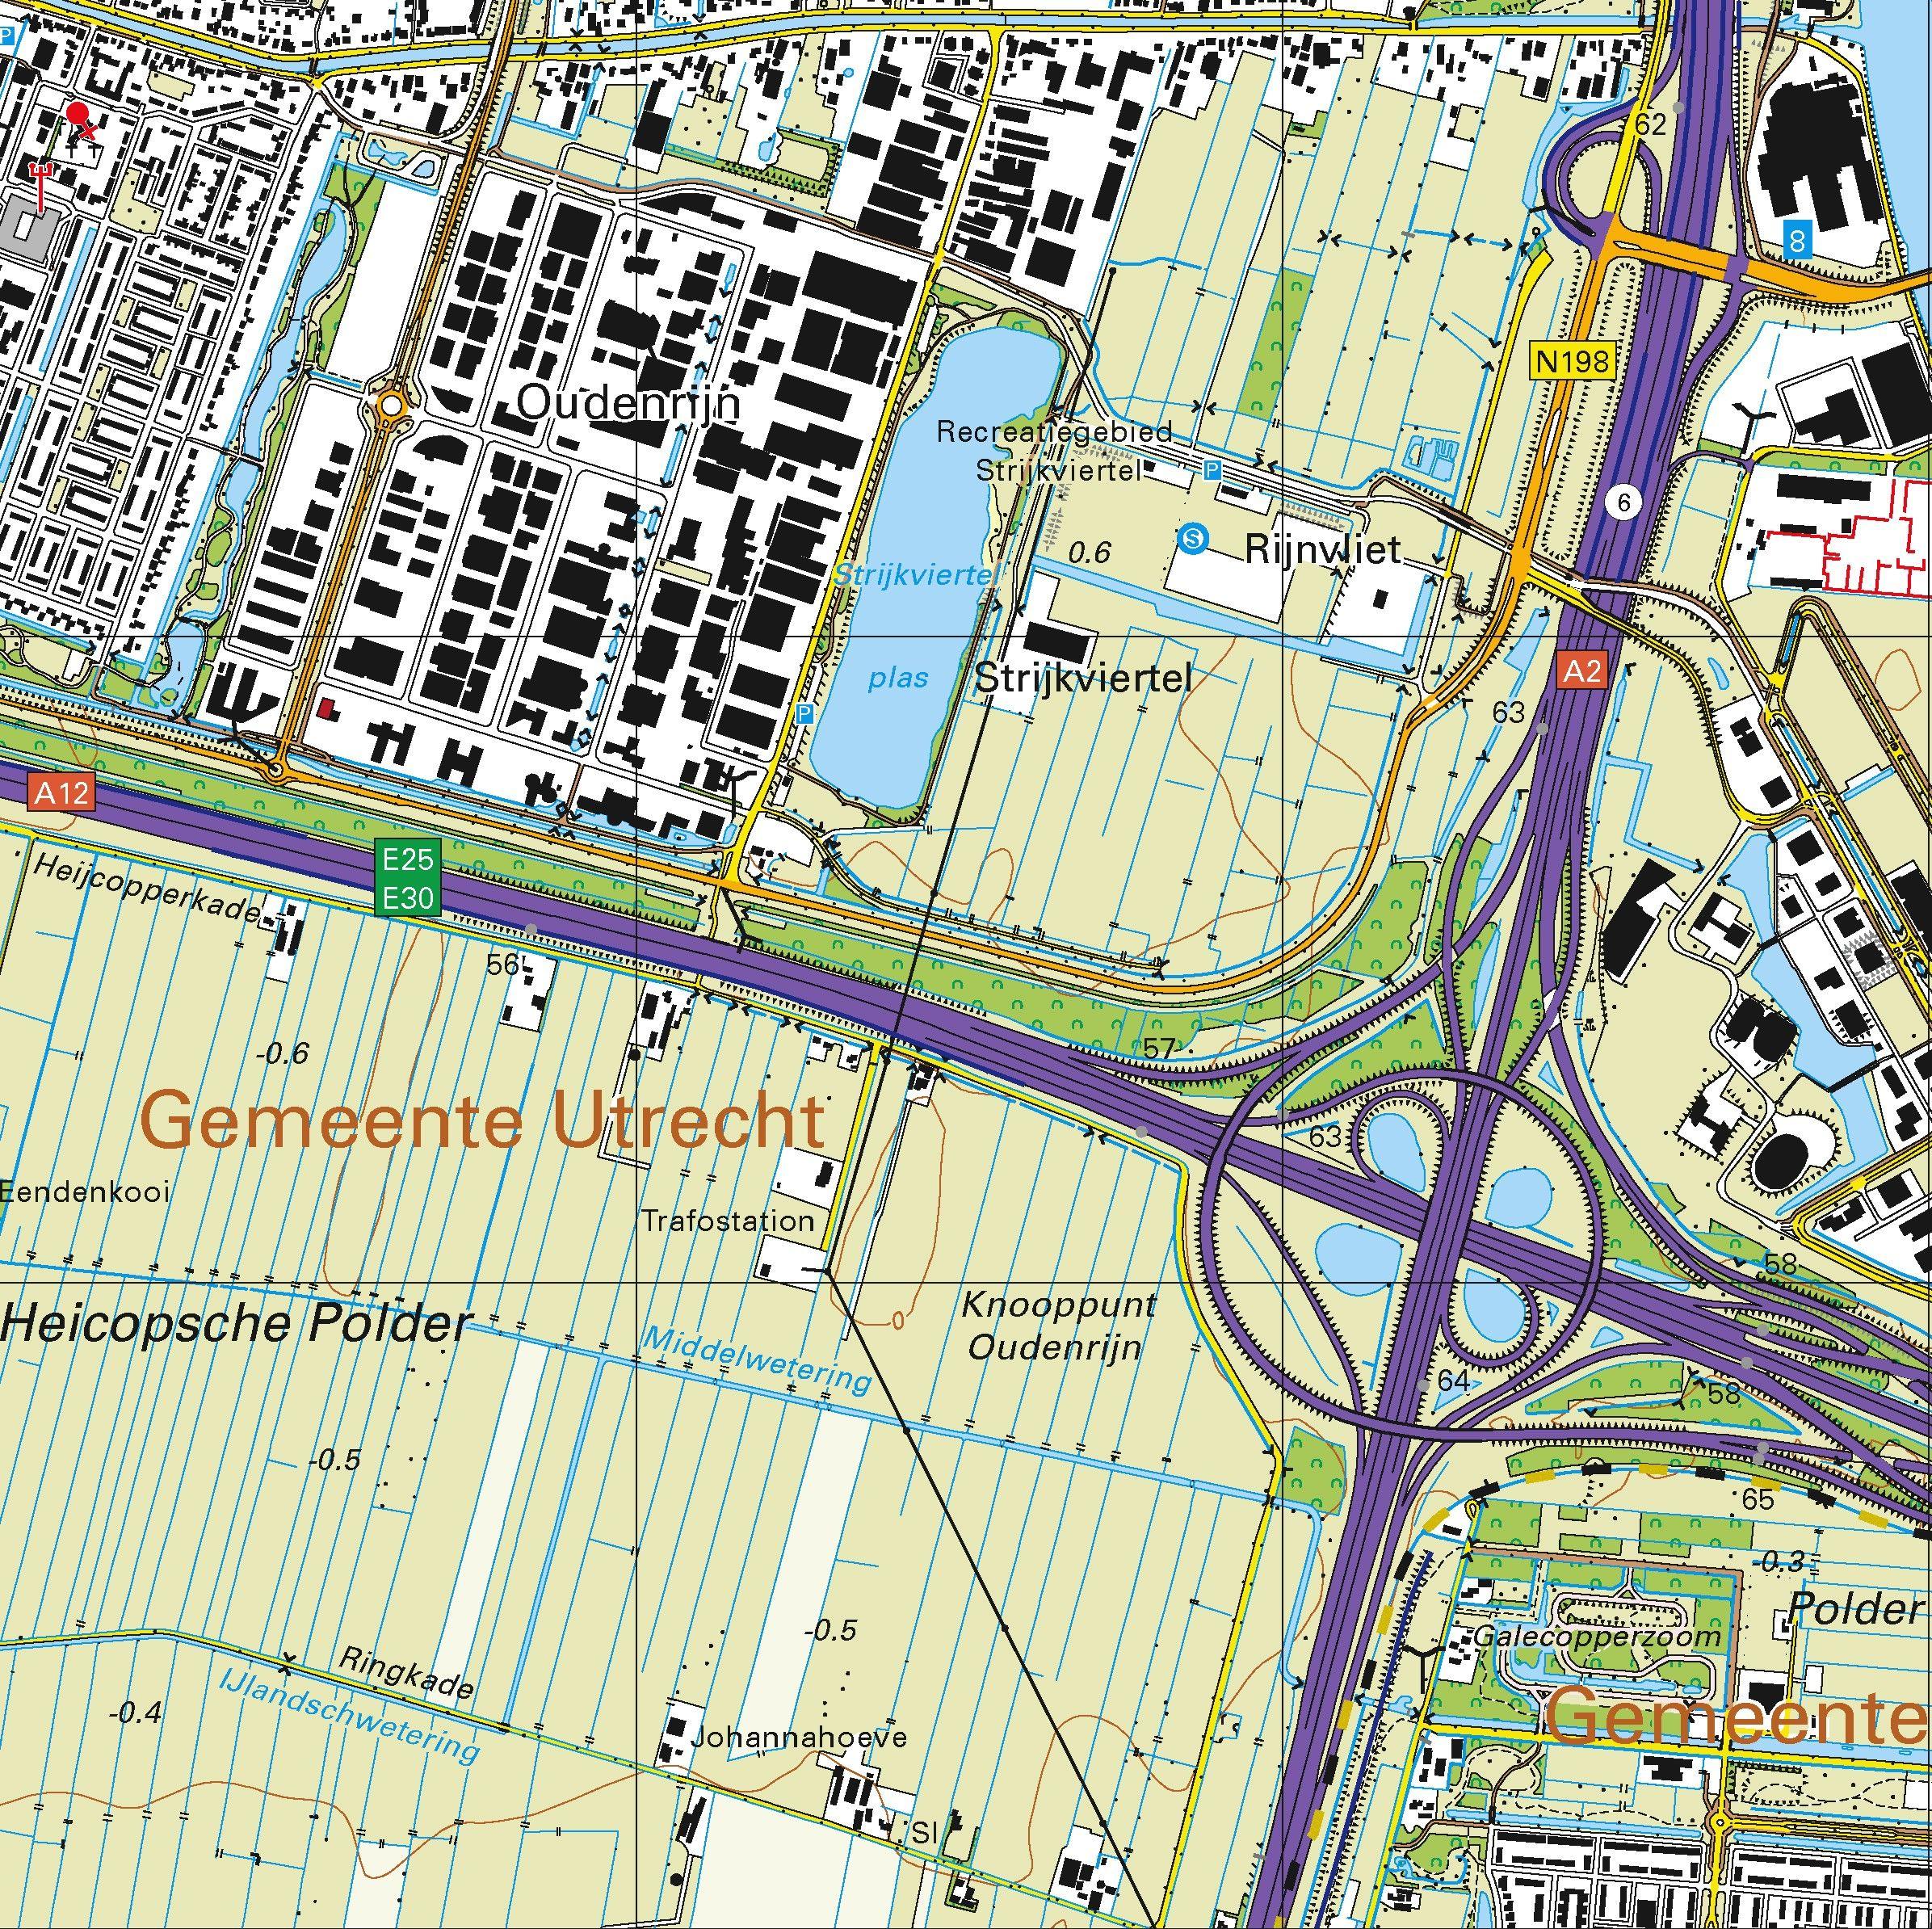 Topografische kaart schaal 1:25.000 (Utrecht, Woerden, Nieuwegein, IJsselstein, Houten, Vianen)